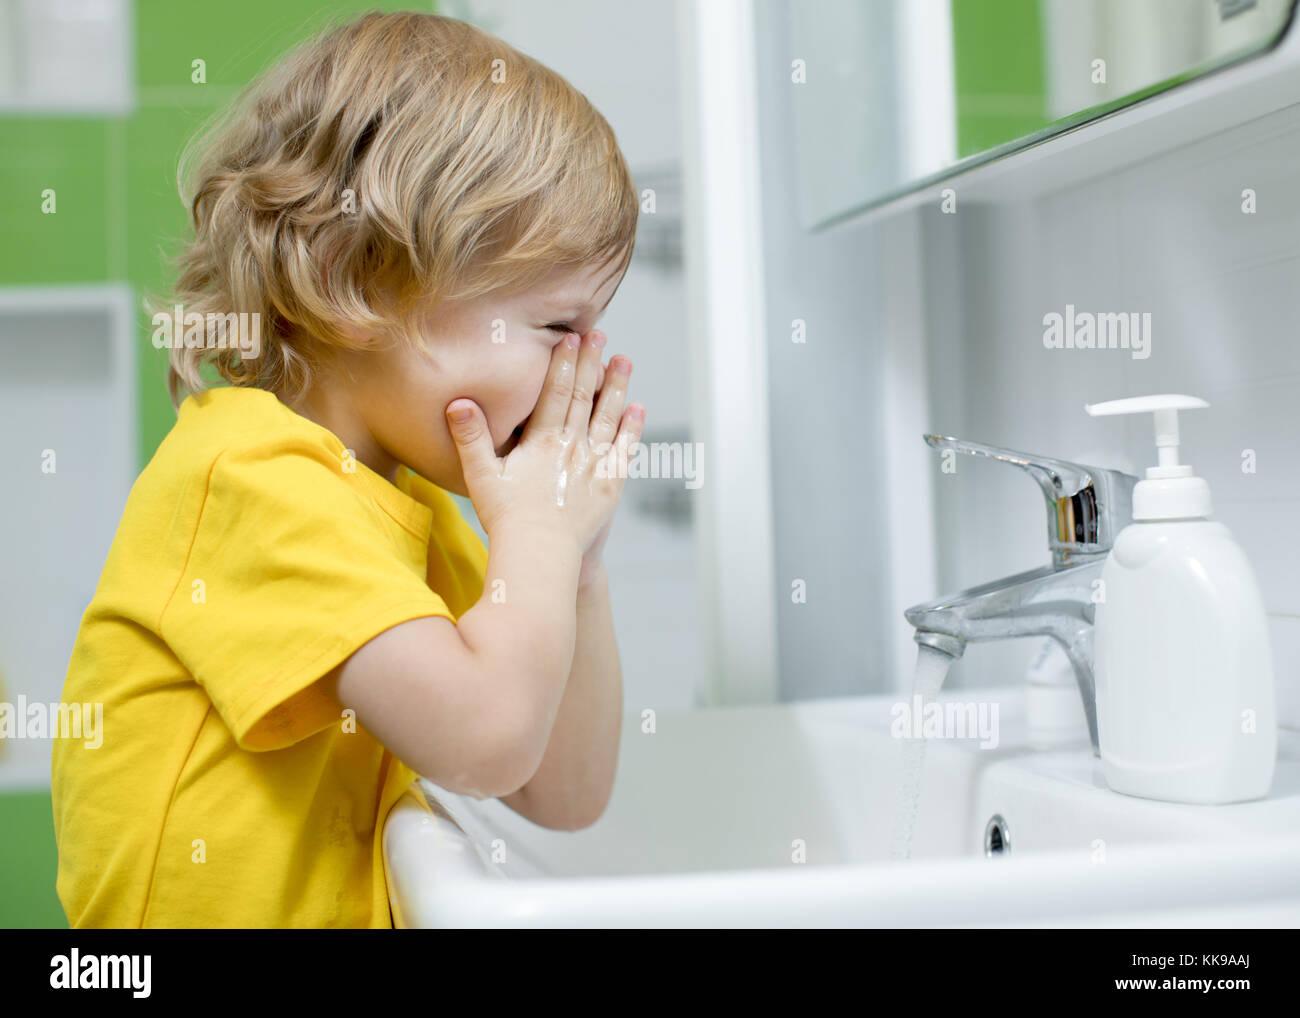 Niño Chico Es Lavarse La Cara En El Baño Foto Imagen De Stock